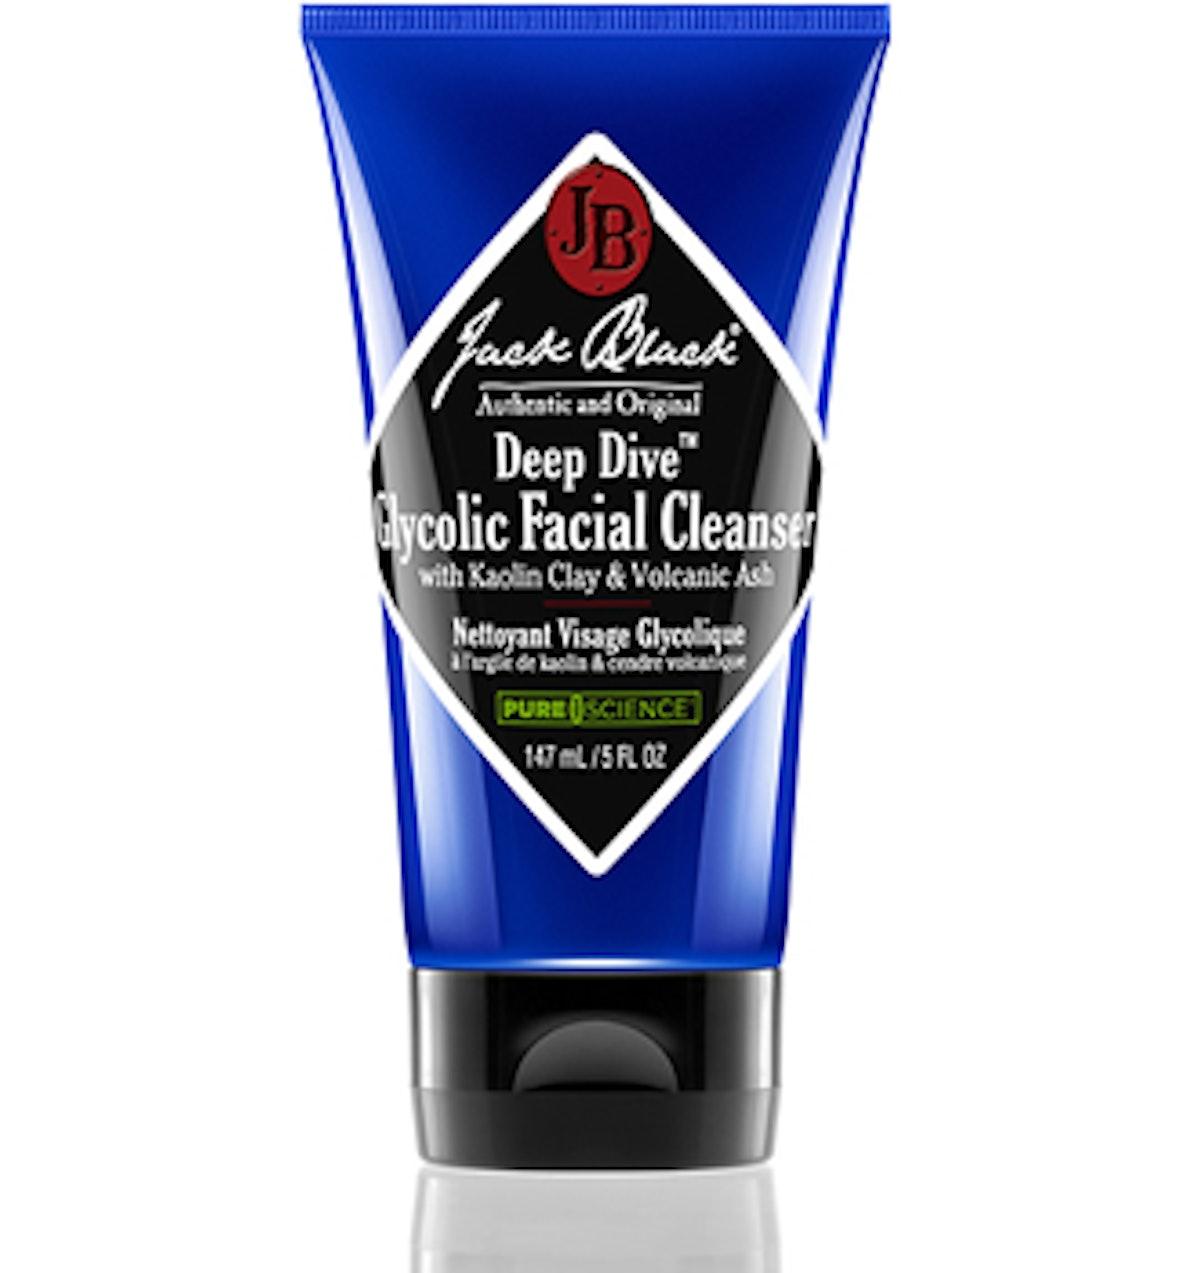 Jack Black Deep Dive™ Glycolic Facial Cleanser